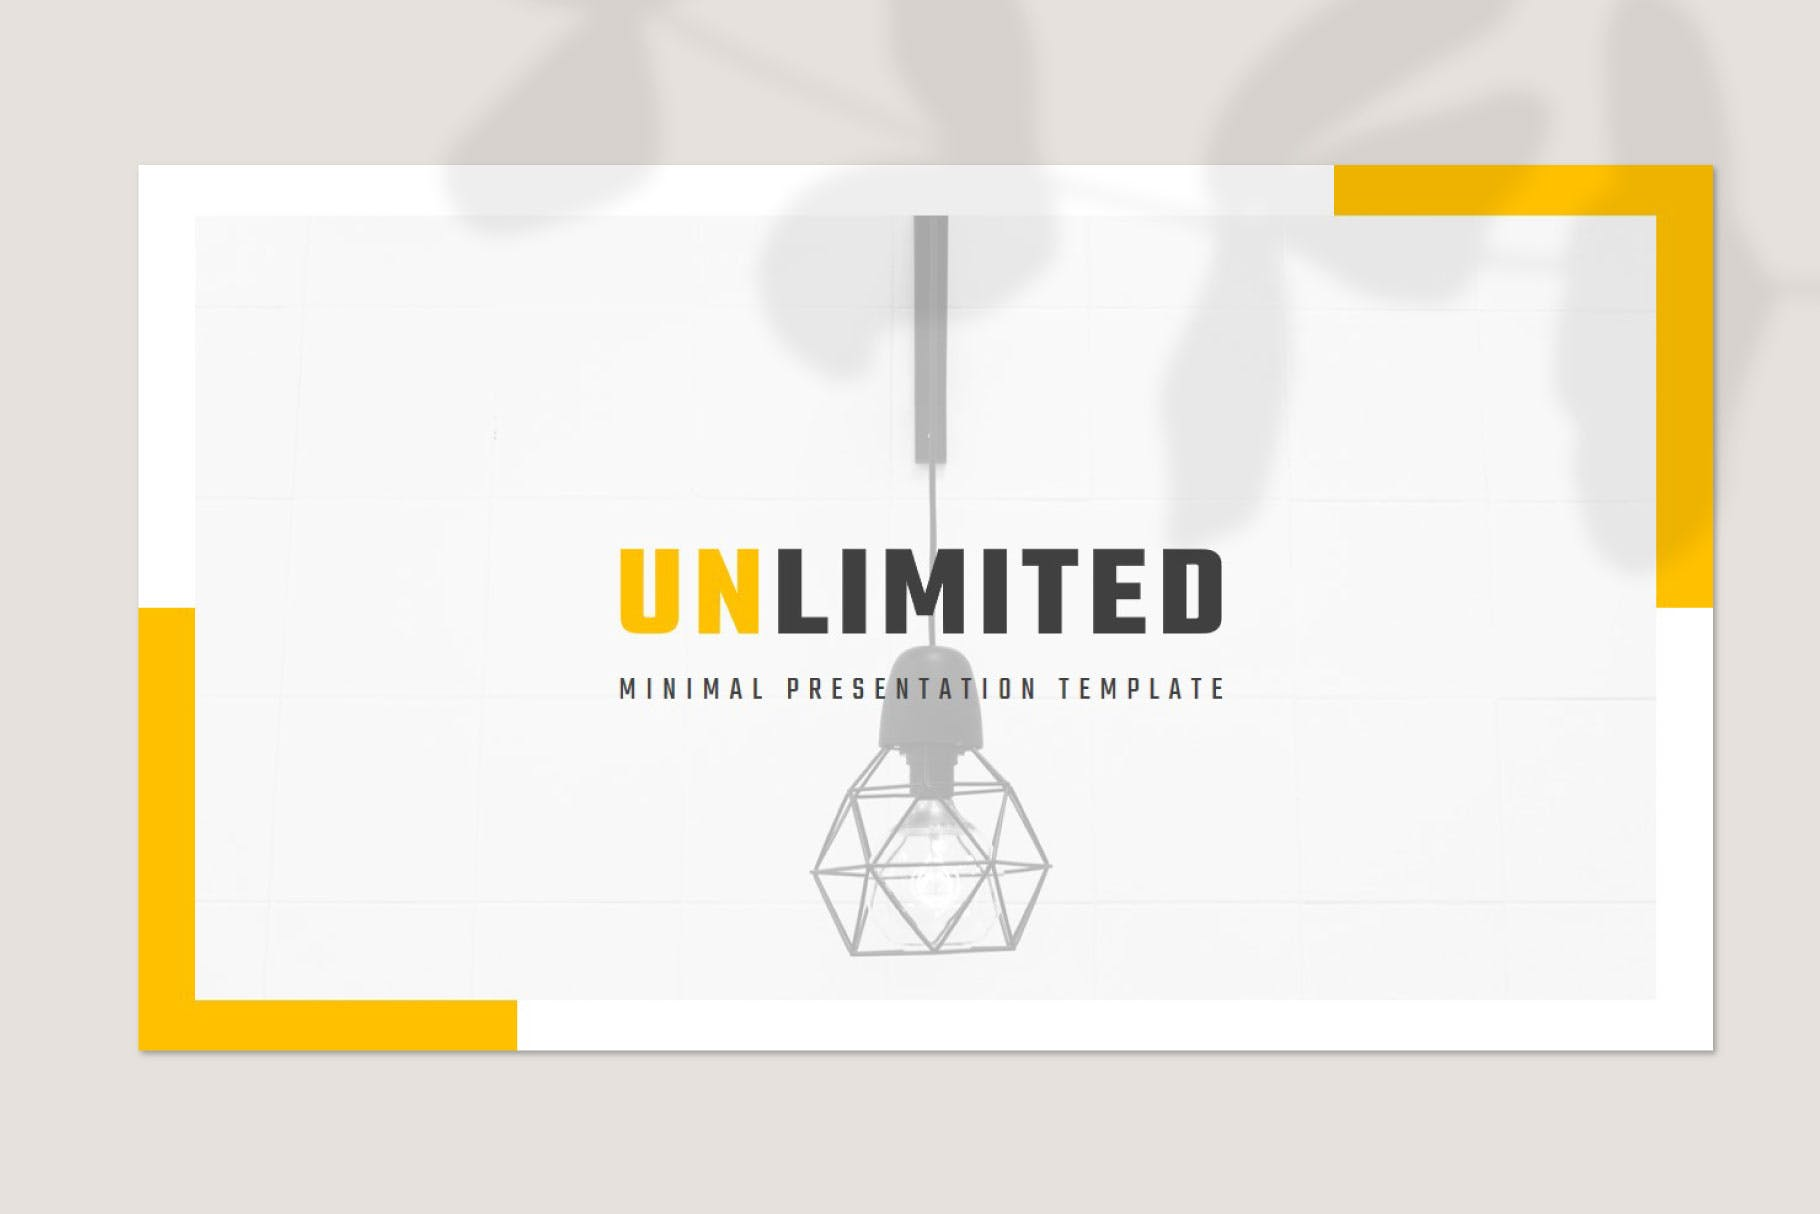 现代简约商务策划提报演示文稿幻灯片设计模版 UNLIMITED Powerpoint Template插图1